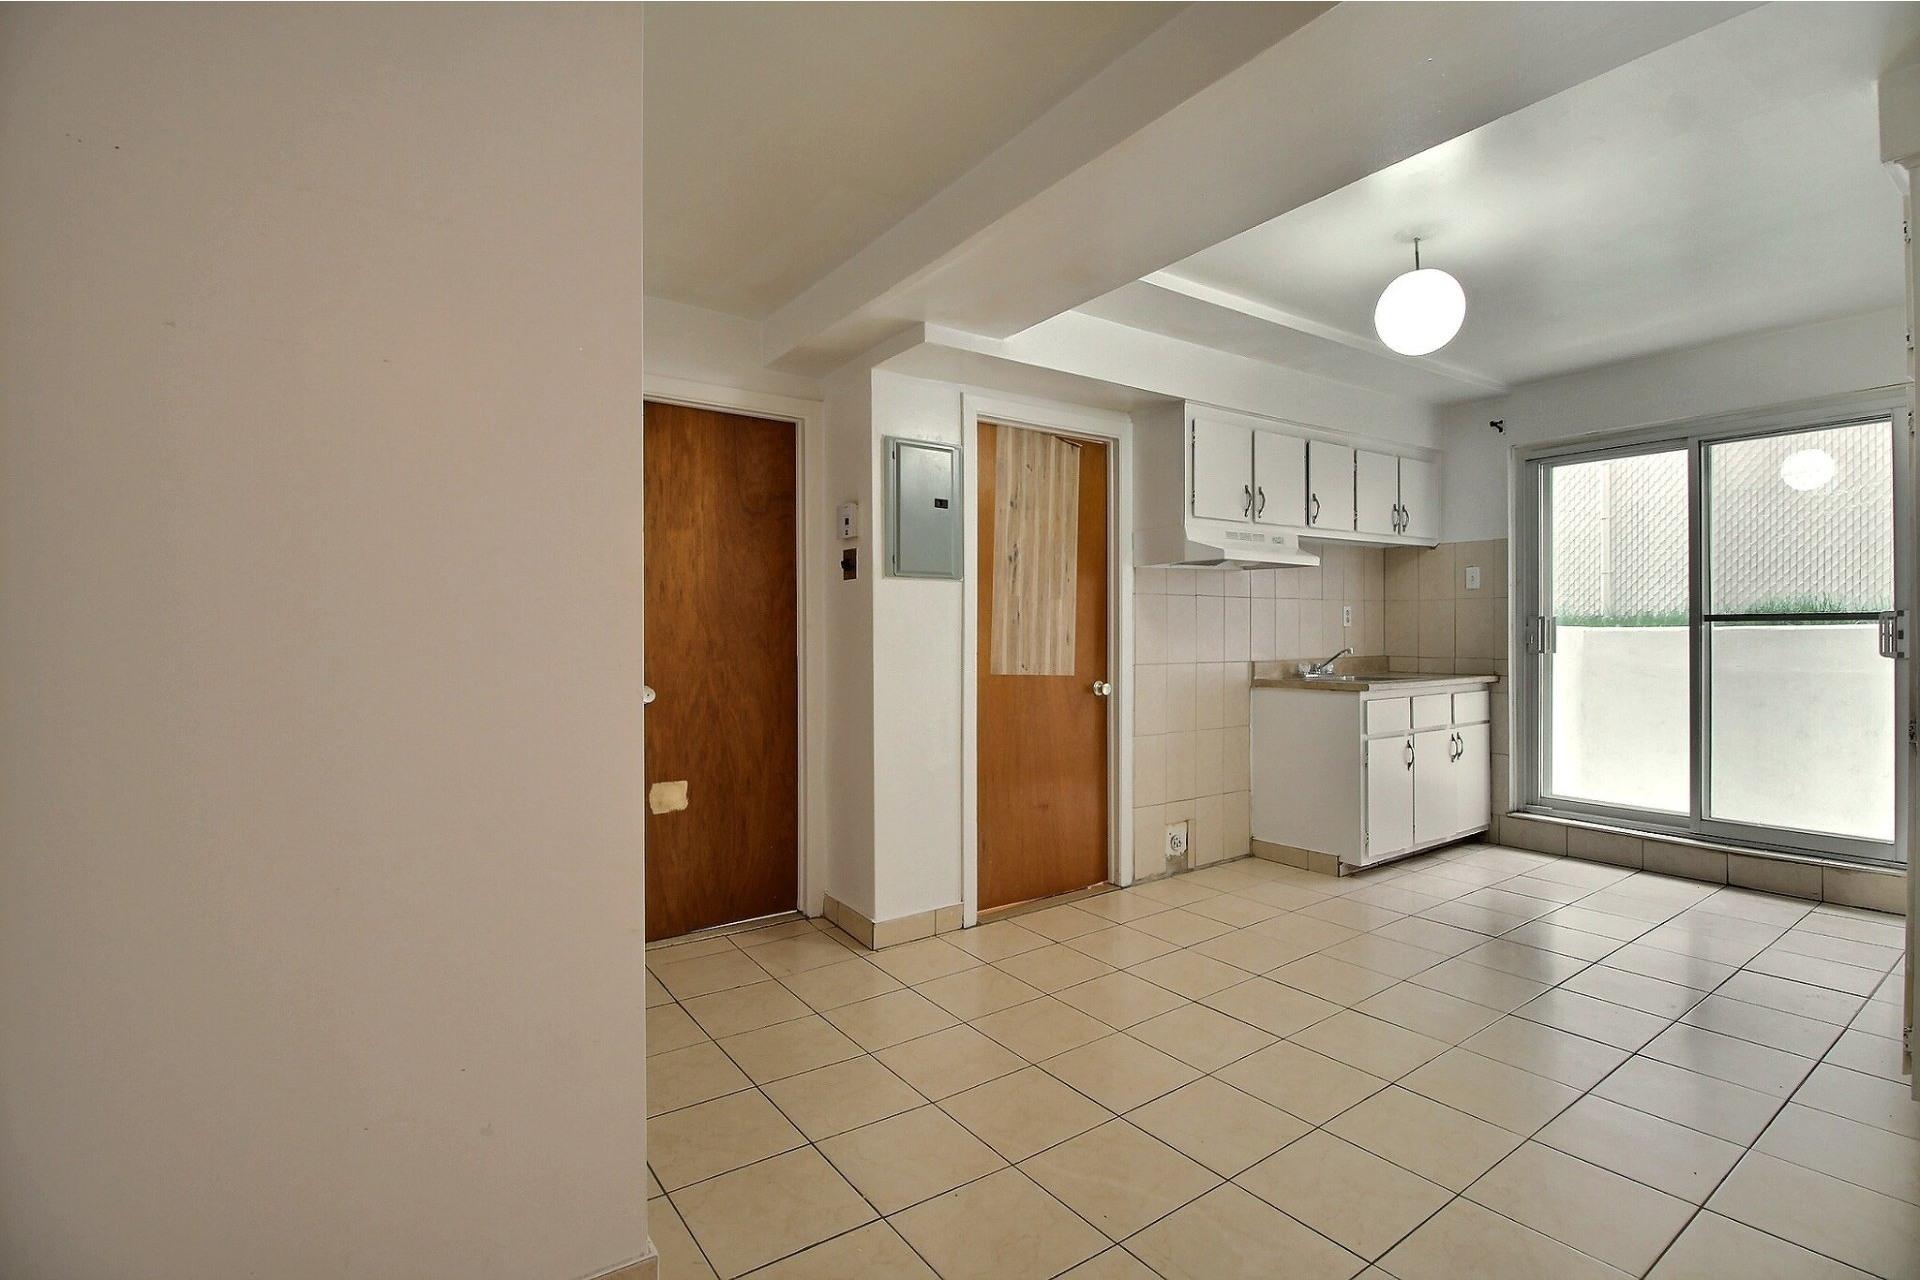 image 4 - Apartment For rent Saint-Léonard Montréal  - 4 rooms